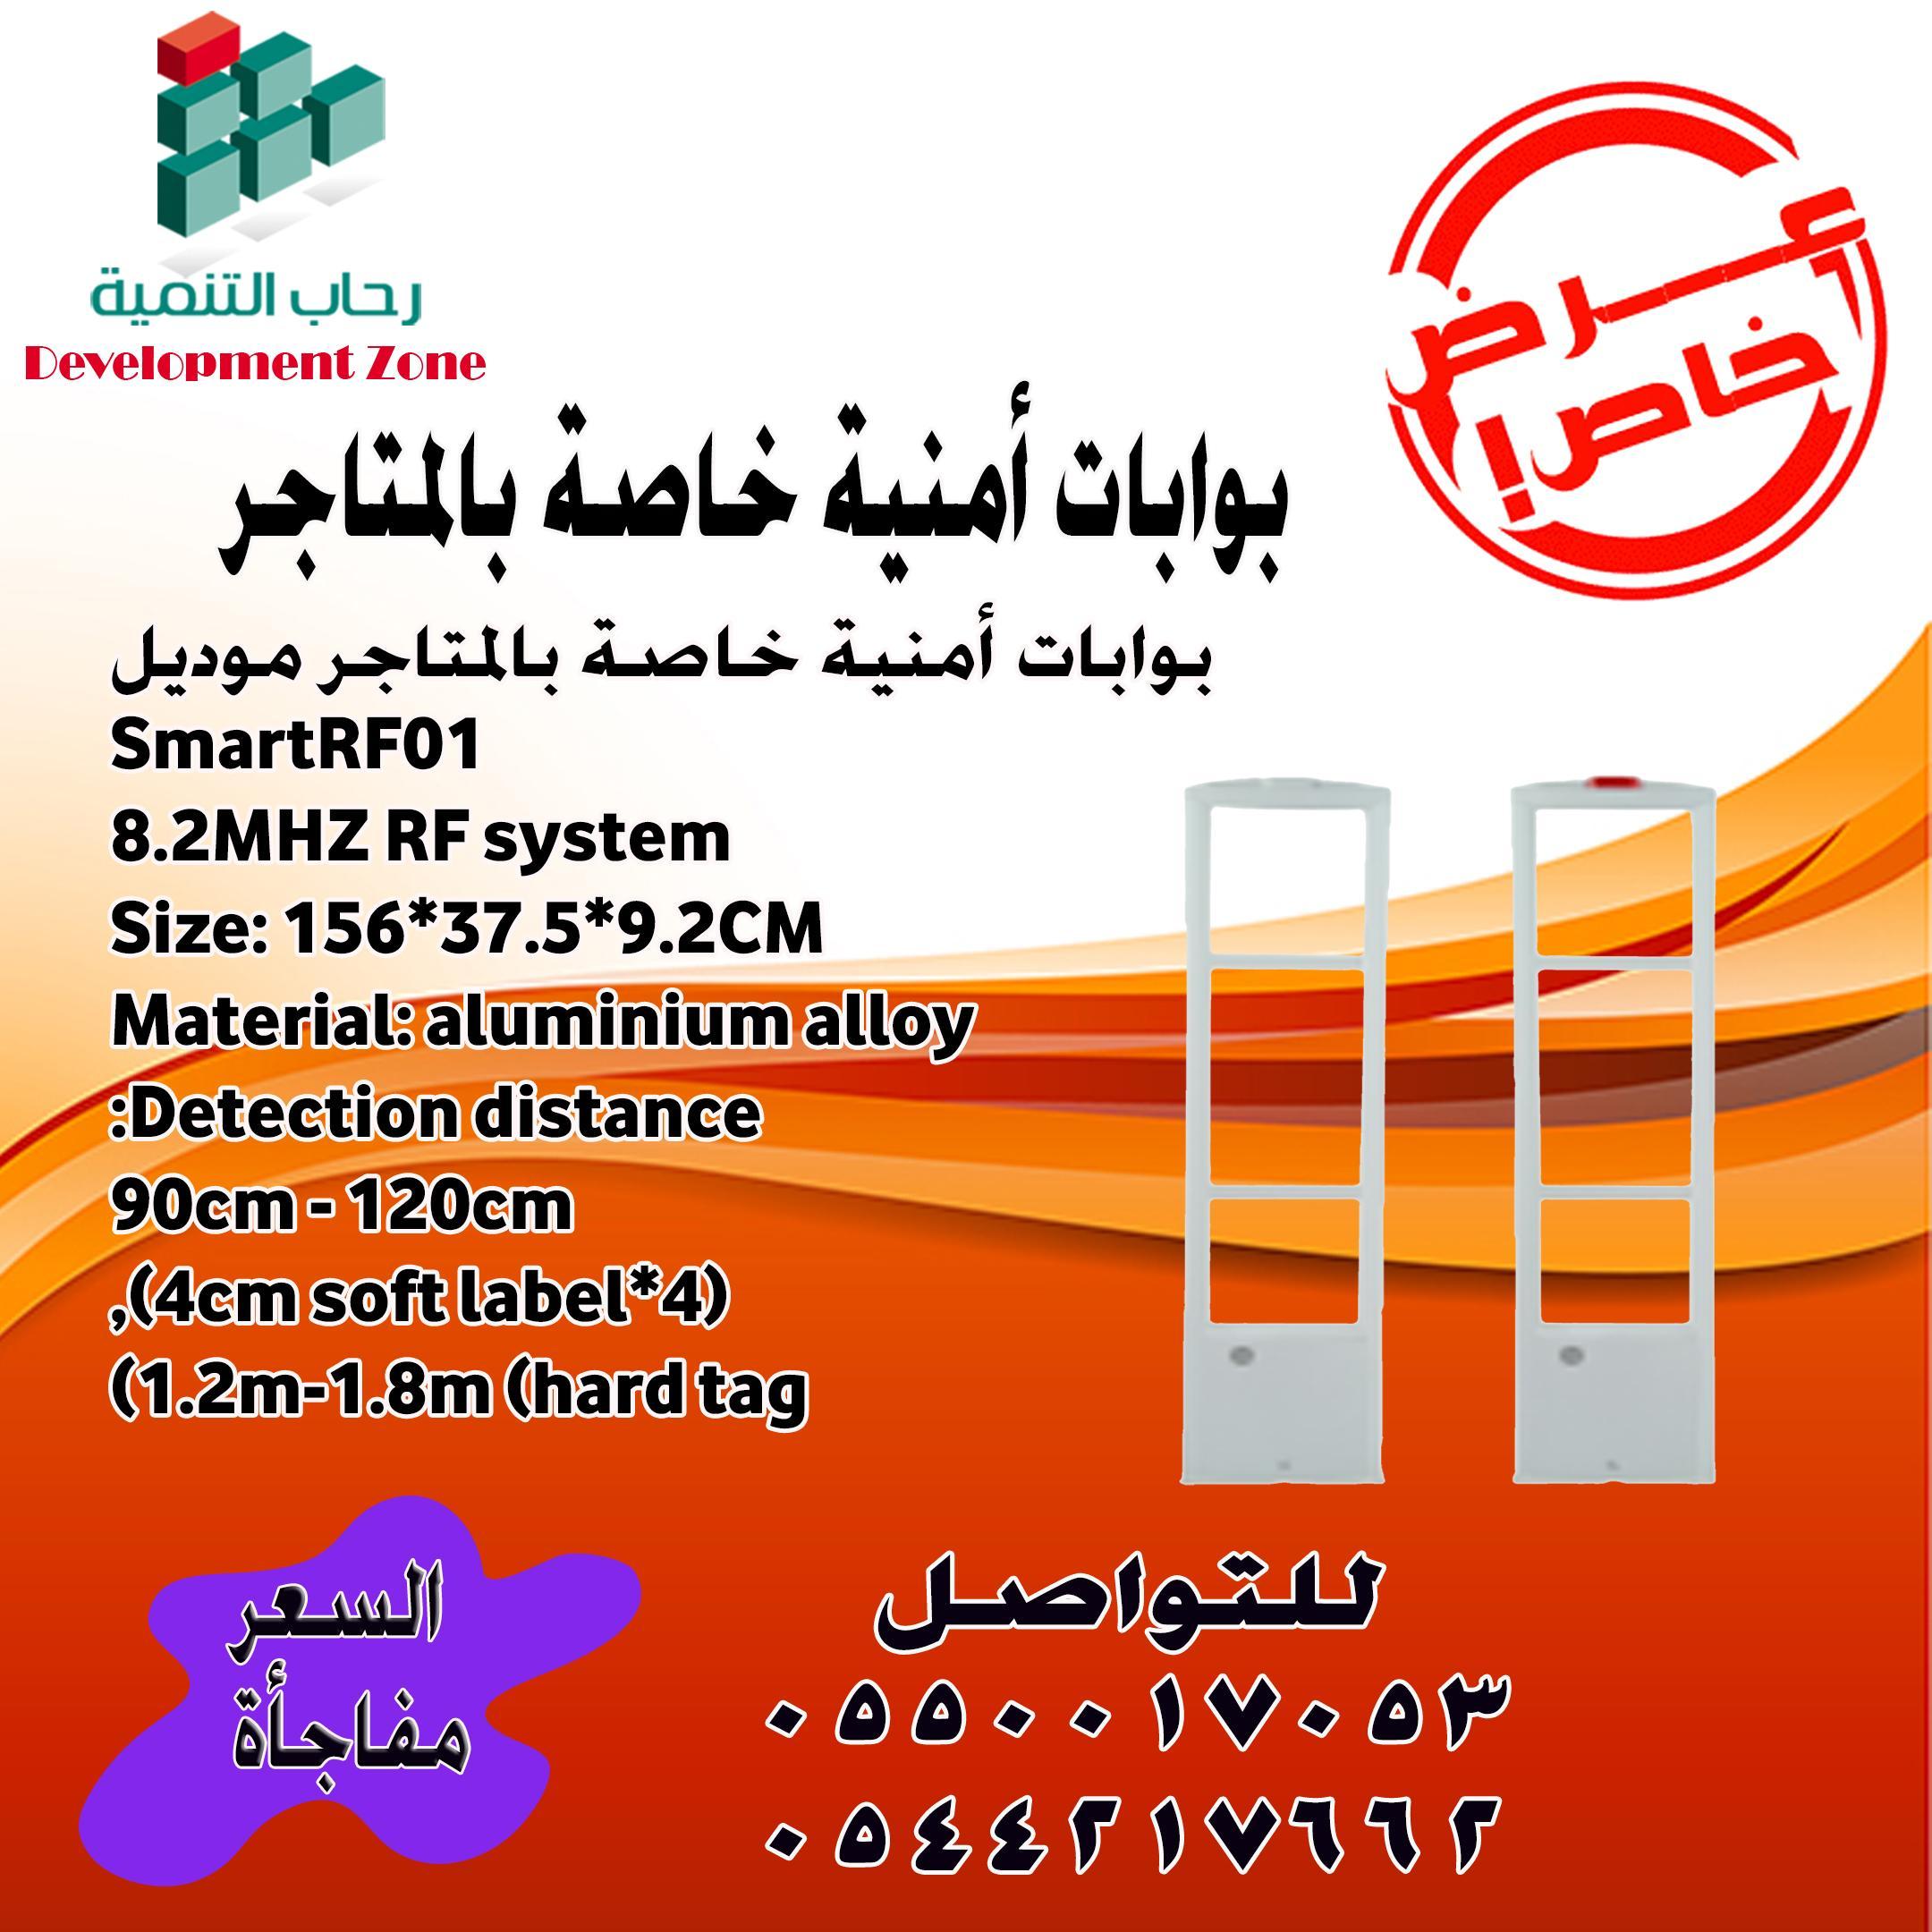 جهاز كشف الحقائب للفنادق بالسعودية 766258698